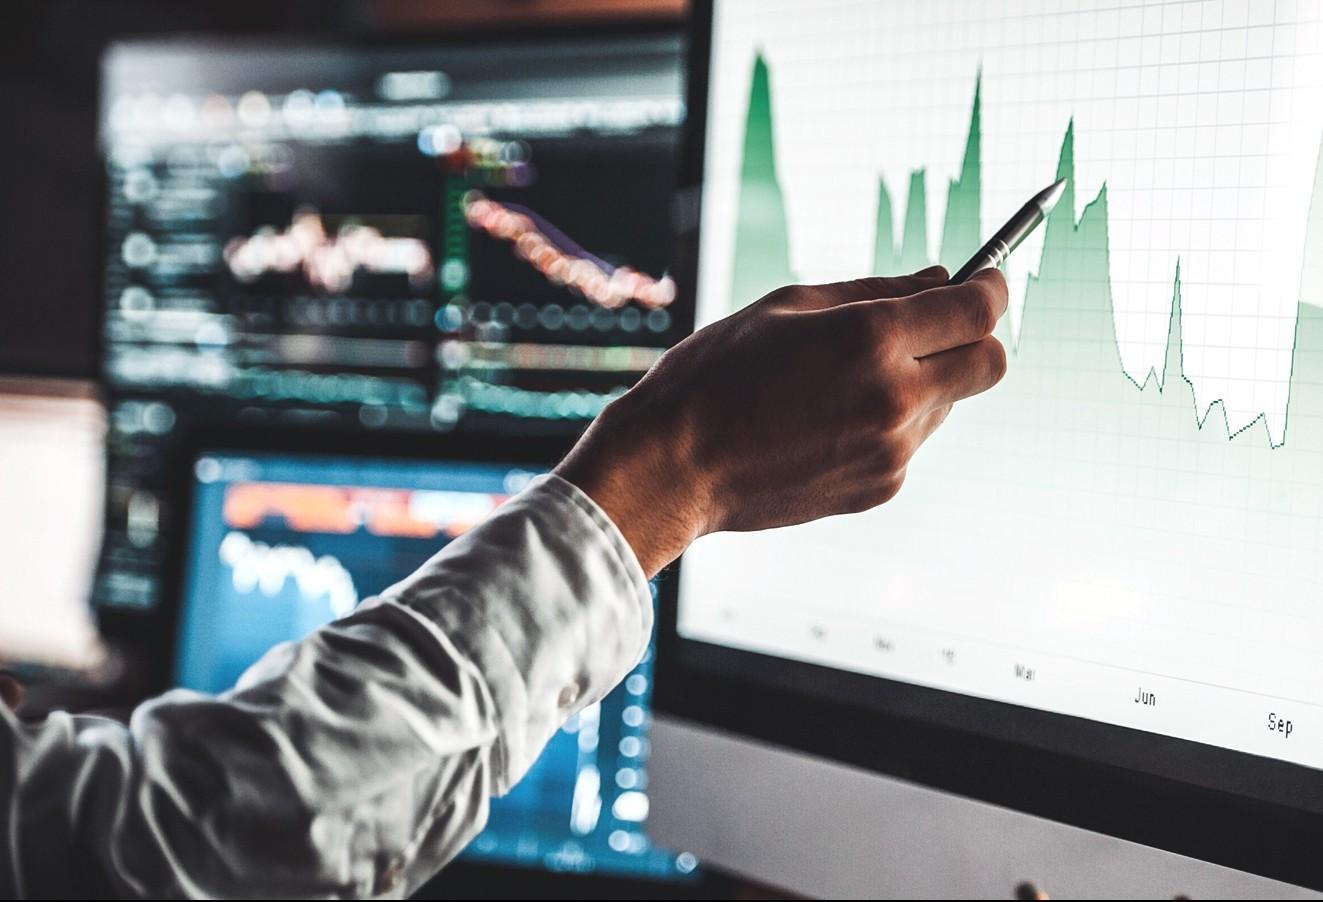 Medo de fazer novos investimentos ocasiona perda de dinheiro